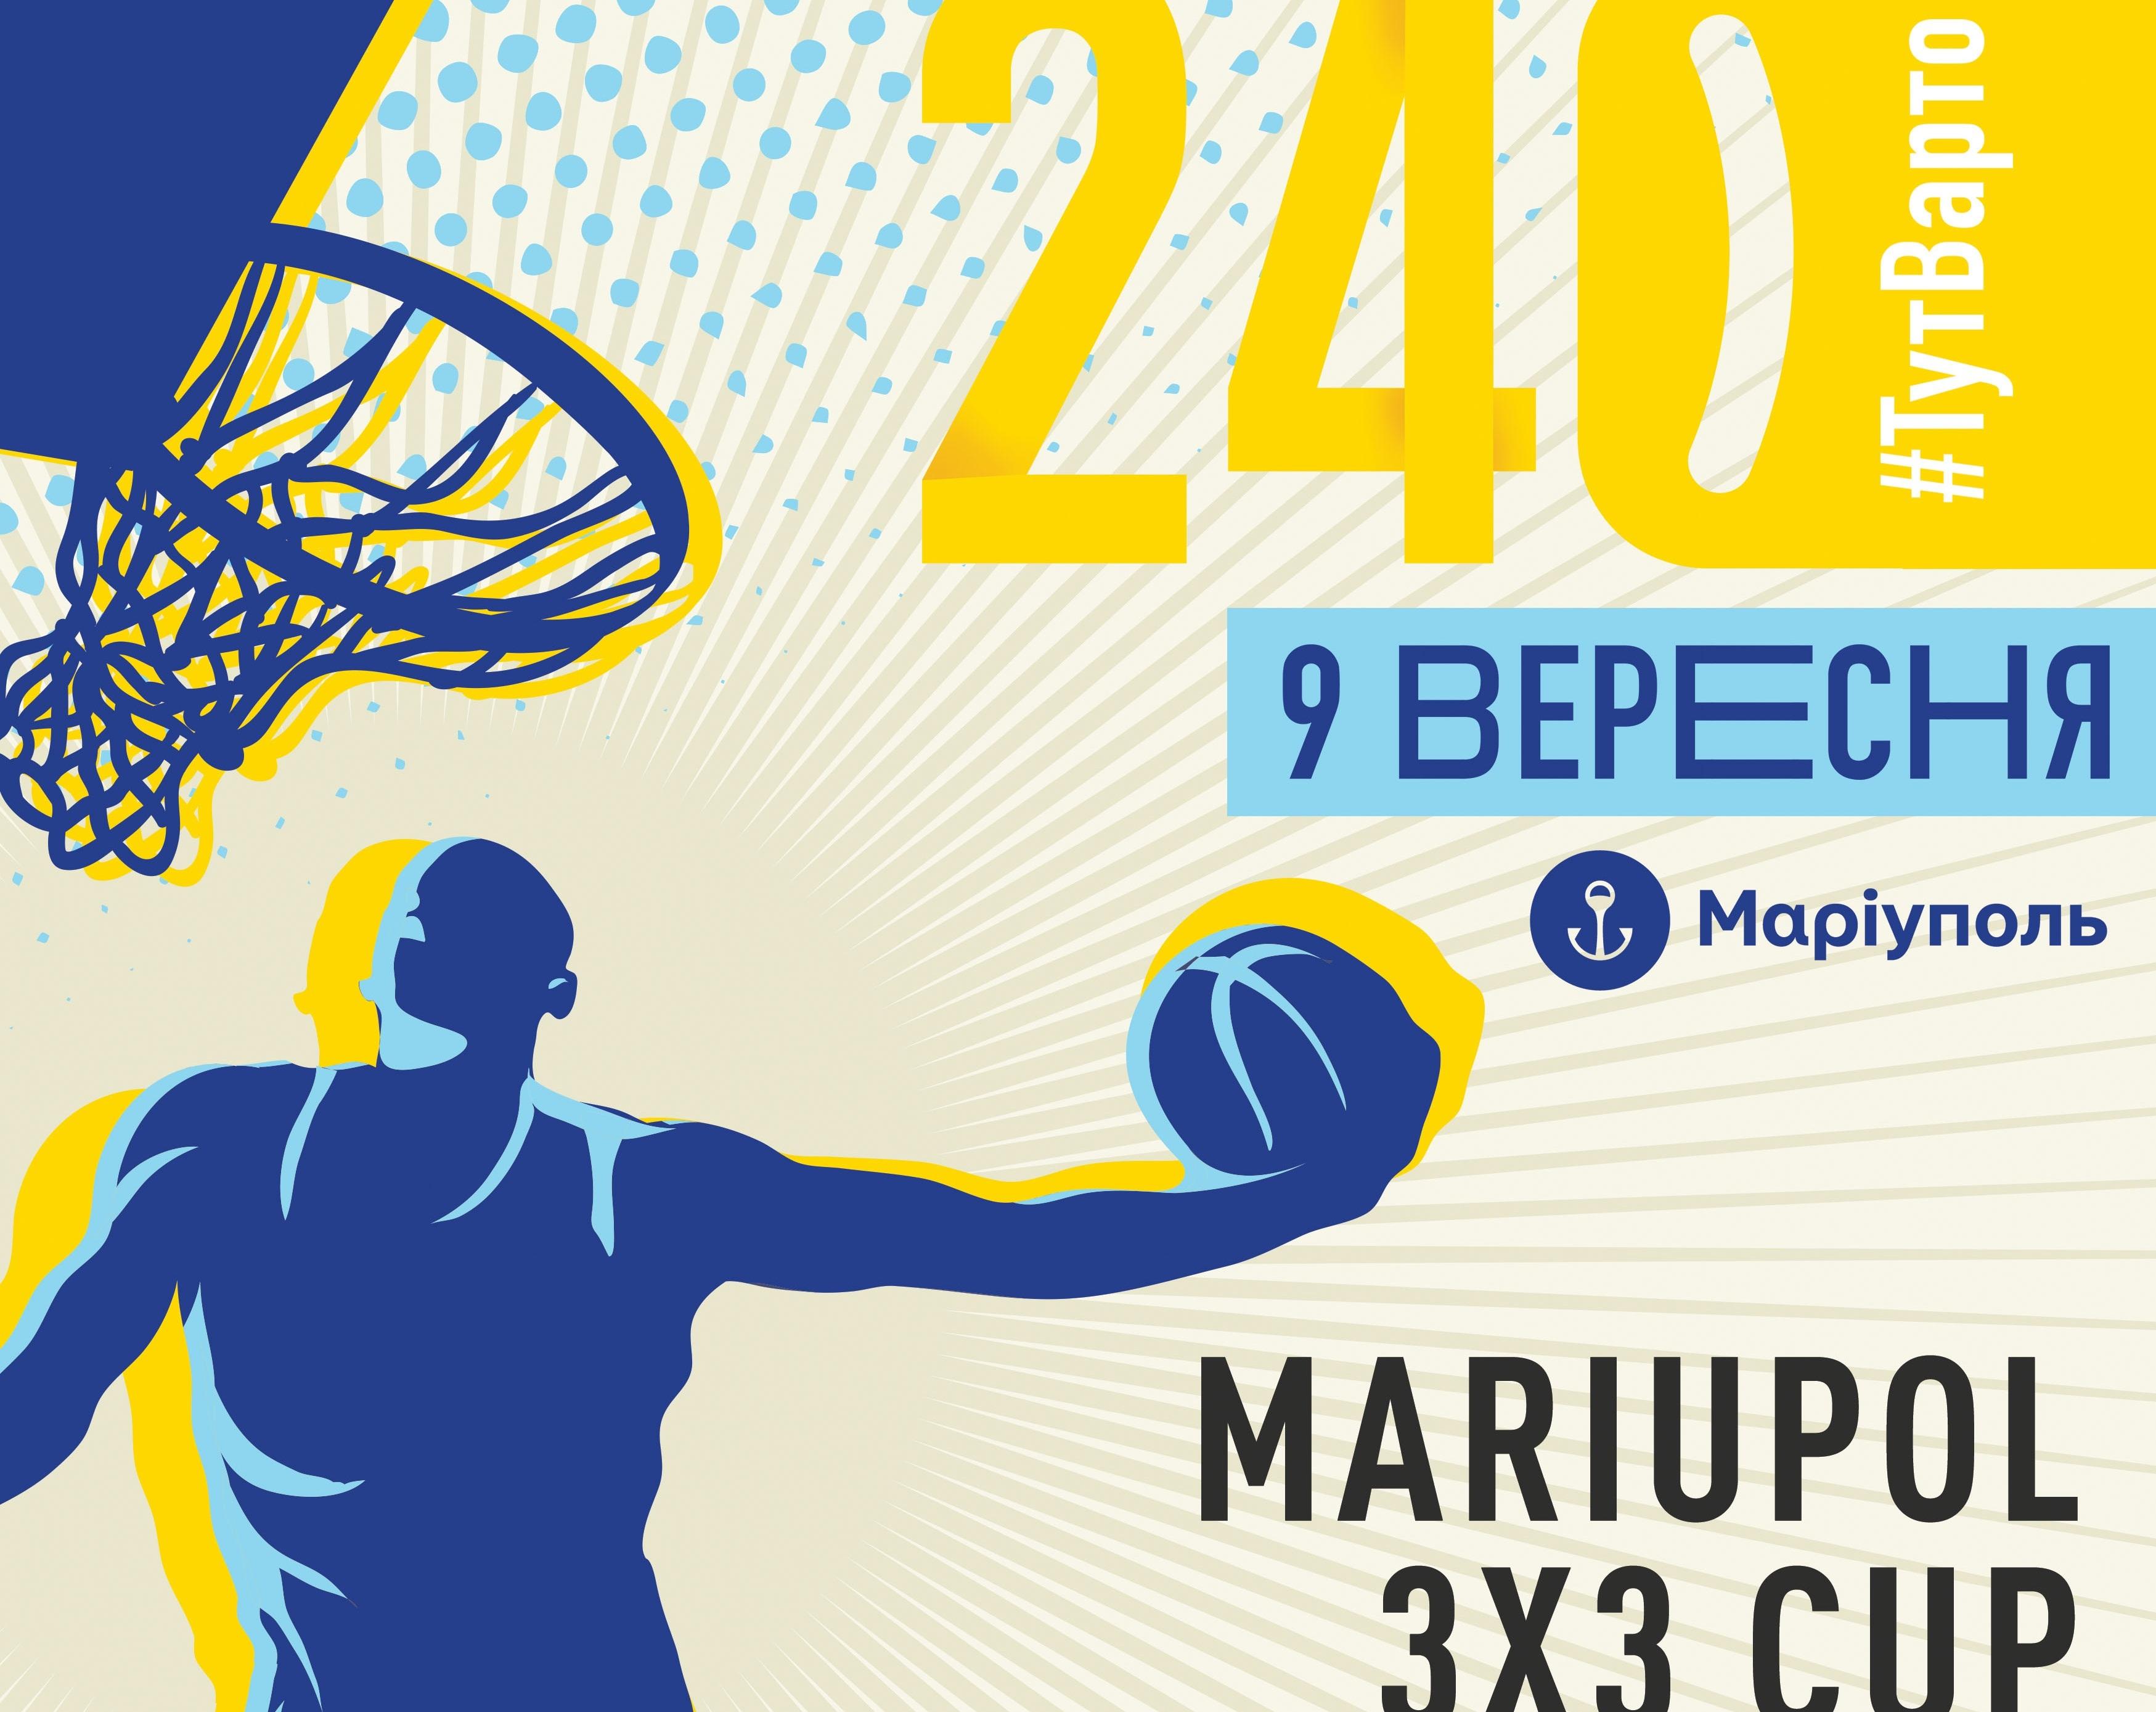 Свій ювілей Маріуполь зустріне баскетбольним турніром MRPL 3x3